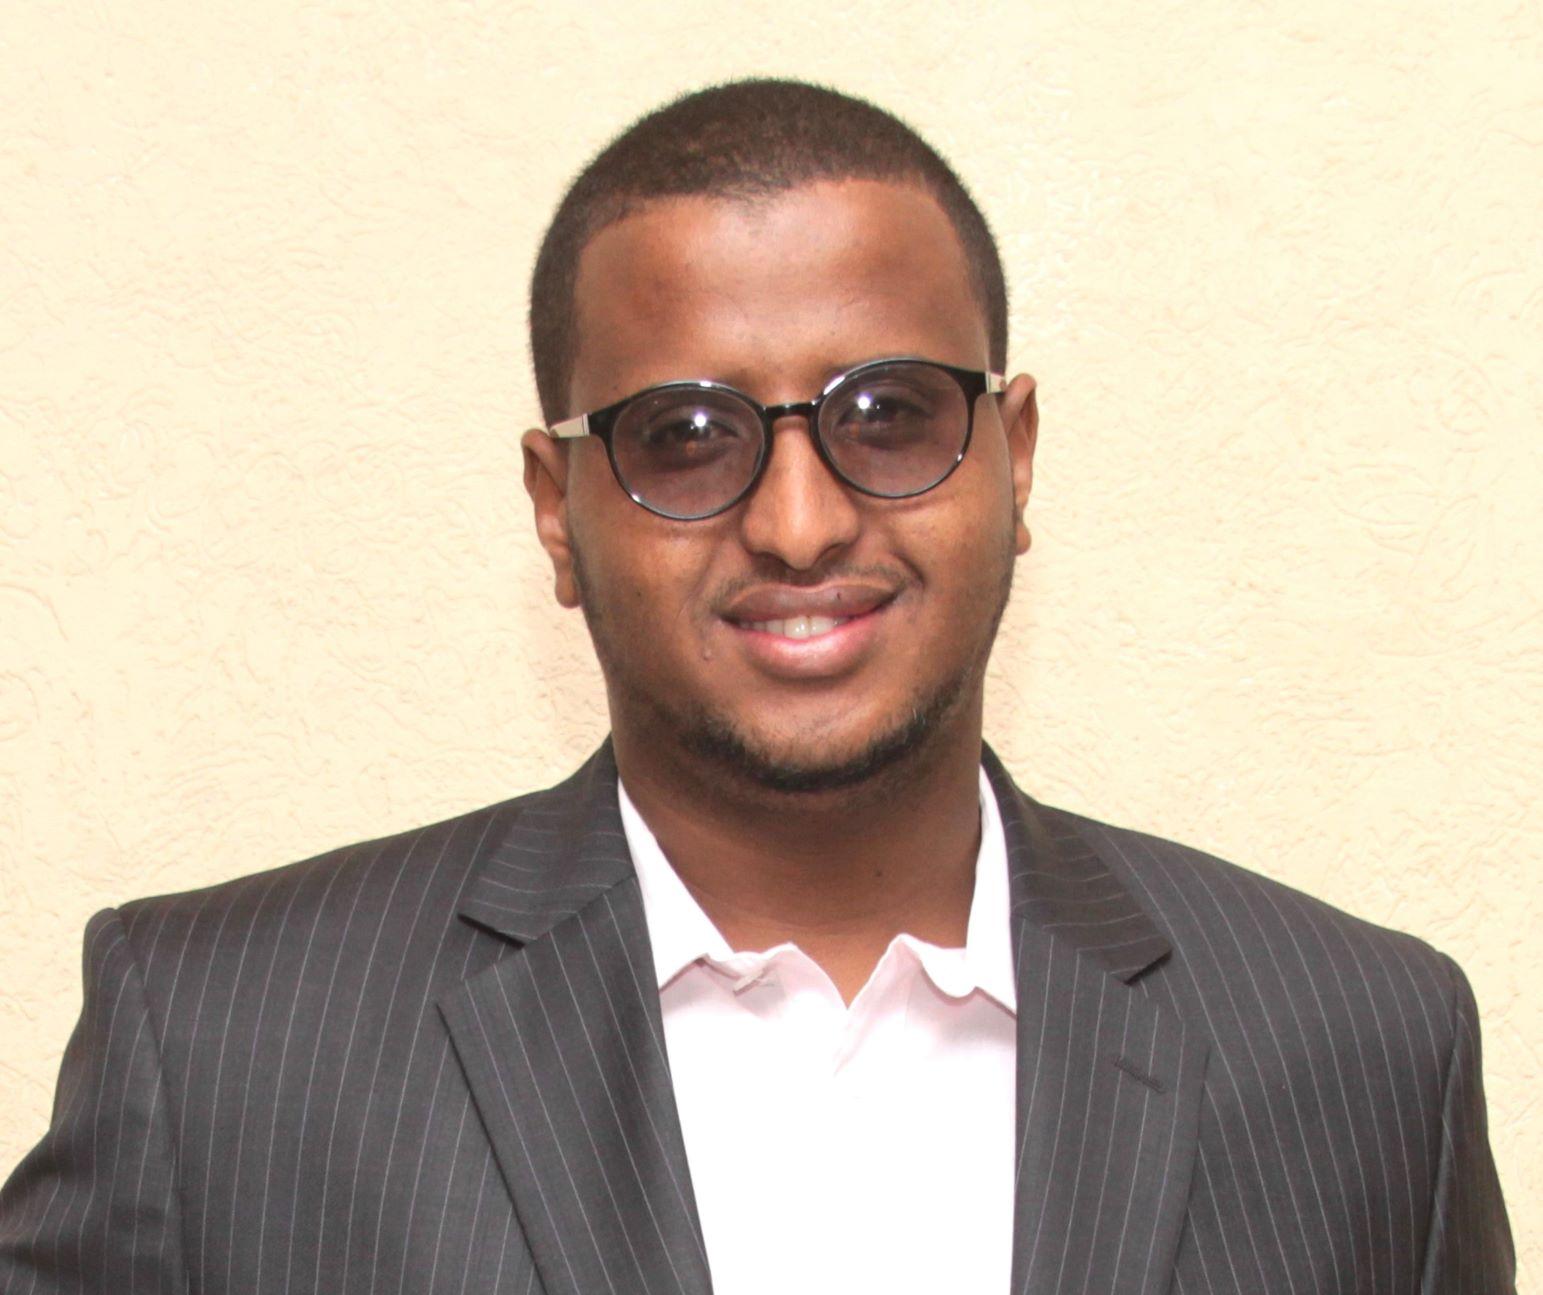 Mohamed Abdinur